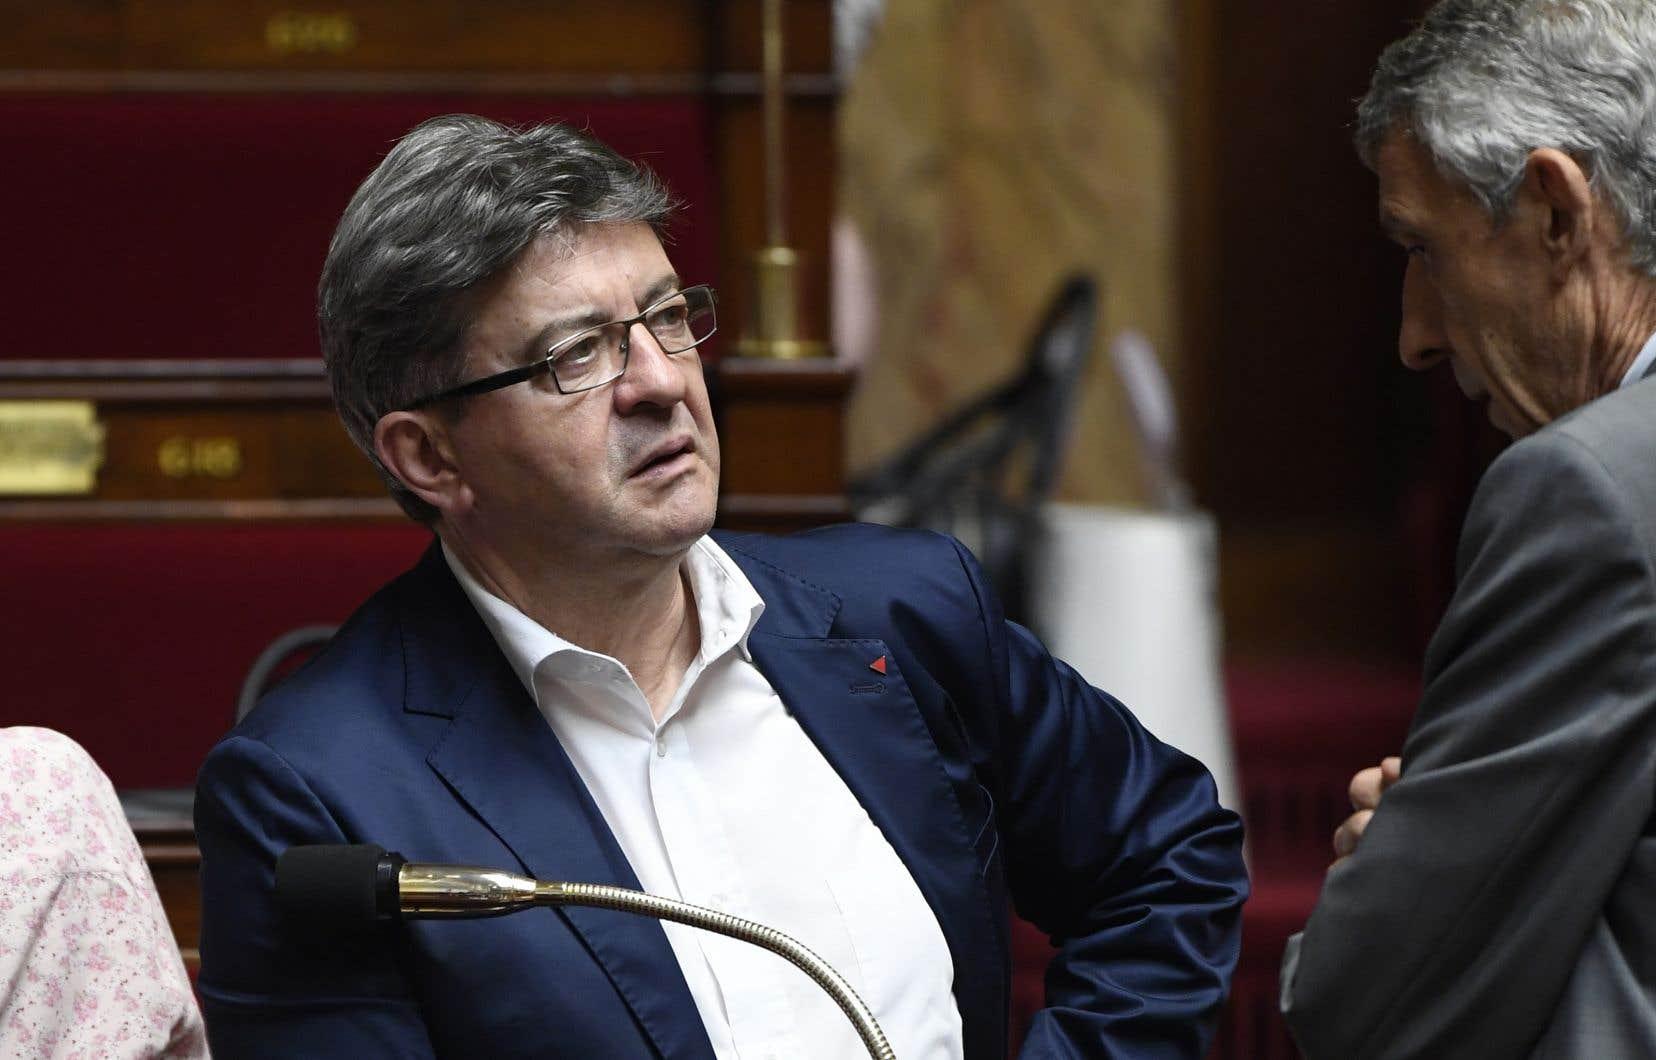 Jean-Luc Mélenchon avait refusé de porter la cravate à l'Assemblée nationale française.